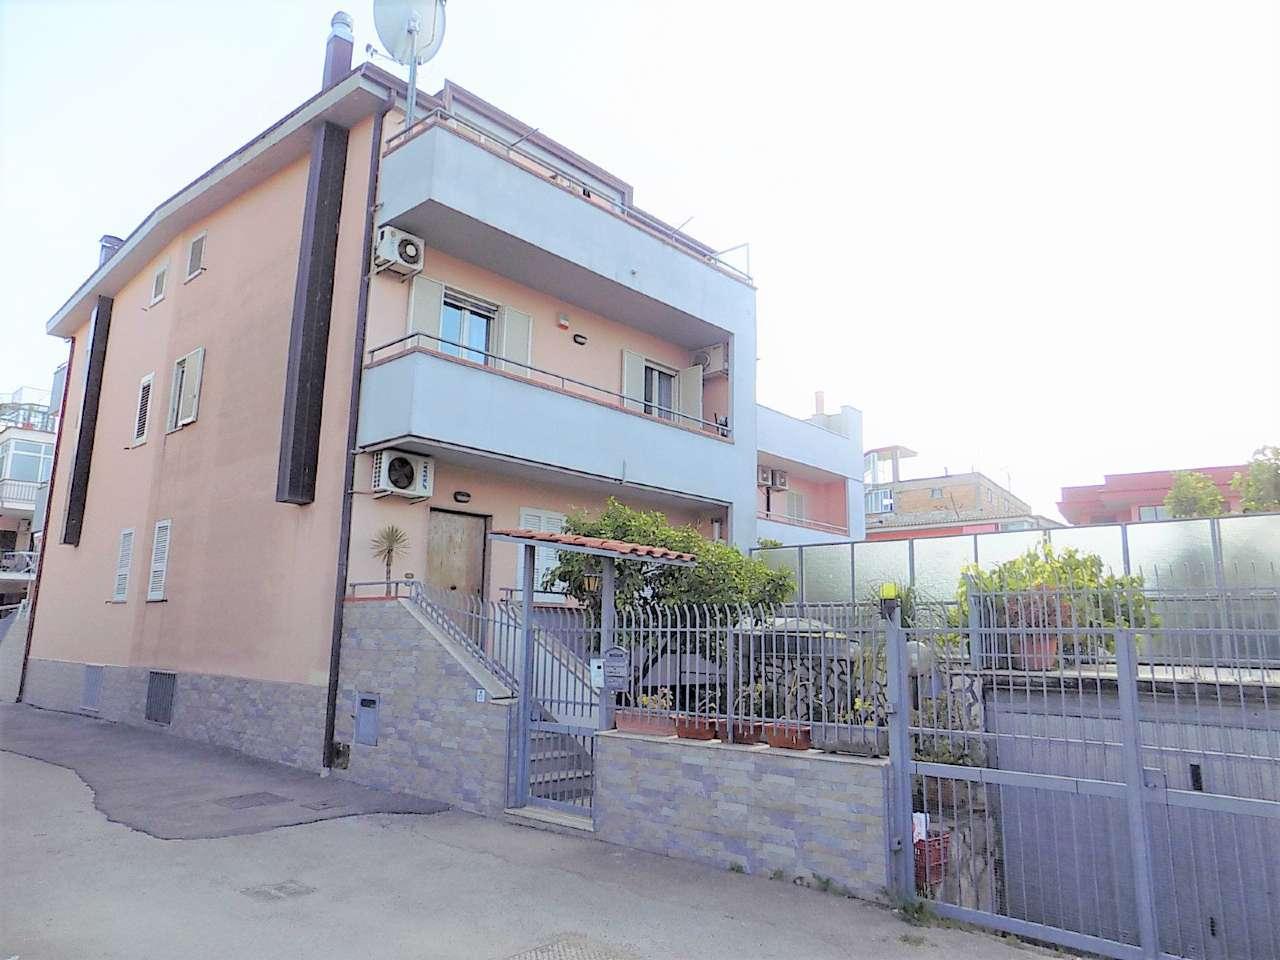 Villa in vendita a Mariglianella, 6 locali, prezzo € 269.000 | CambioCasa.it